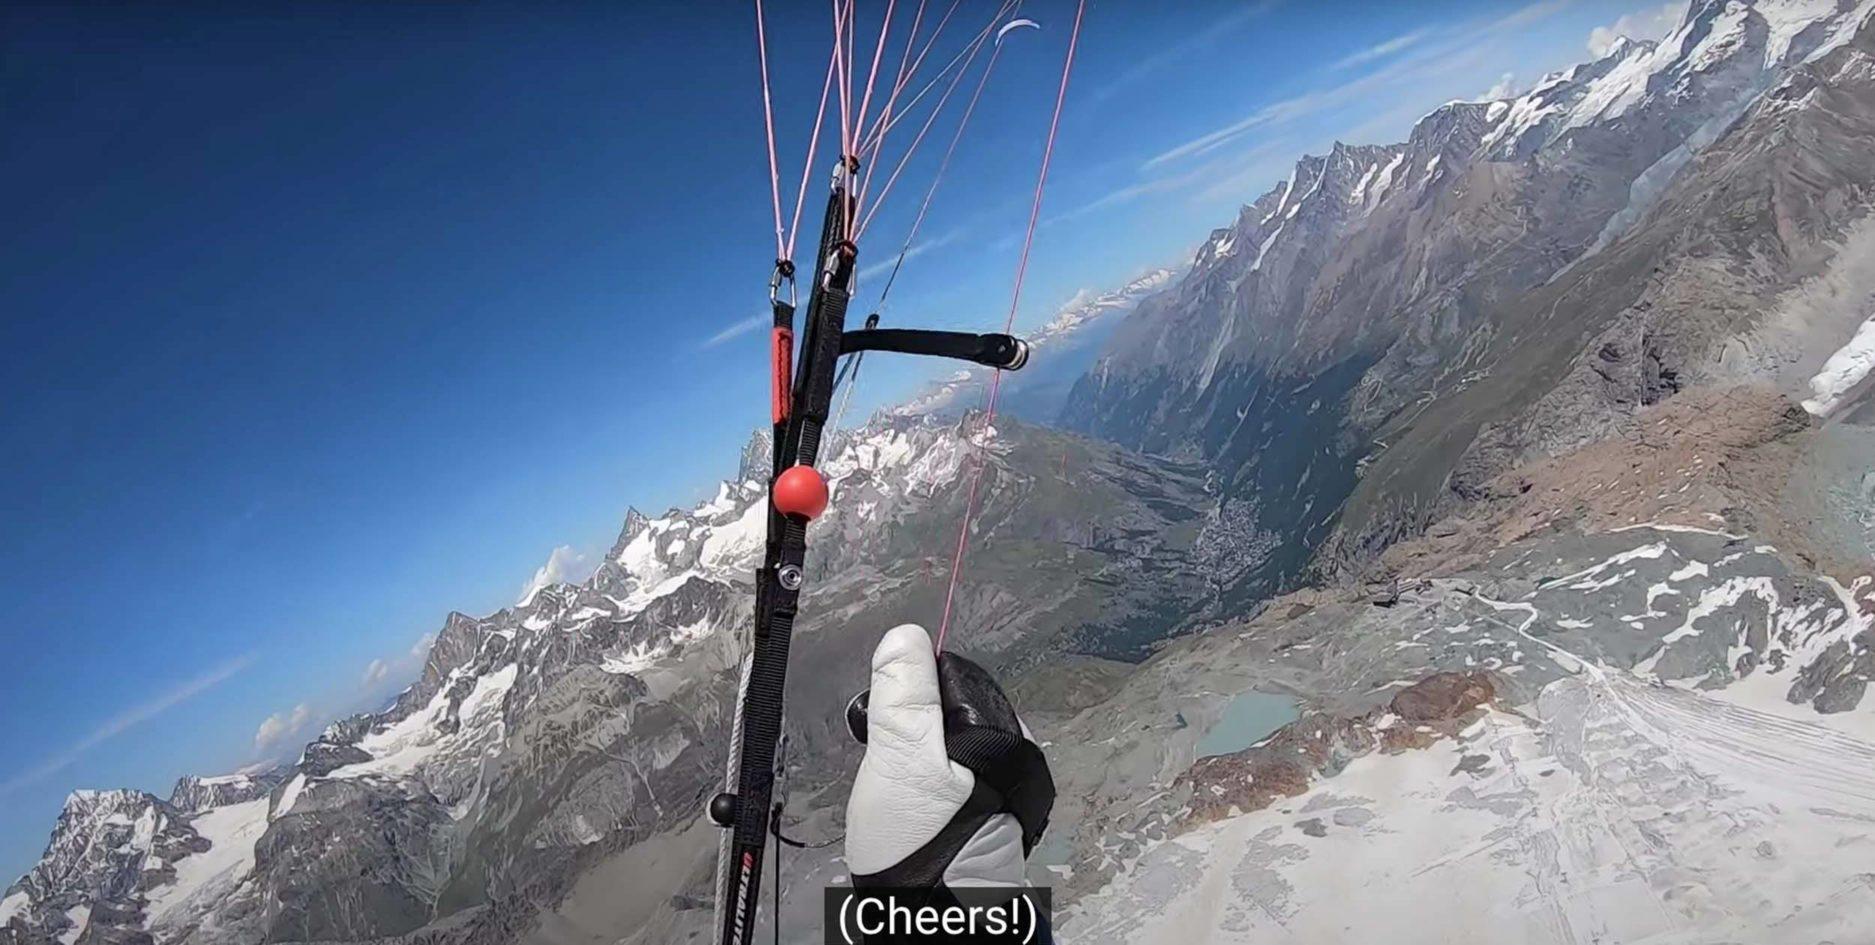 vol bivouac flight in the Alps